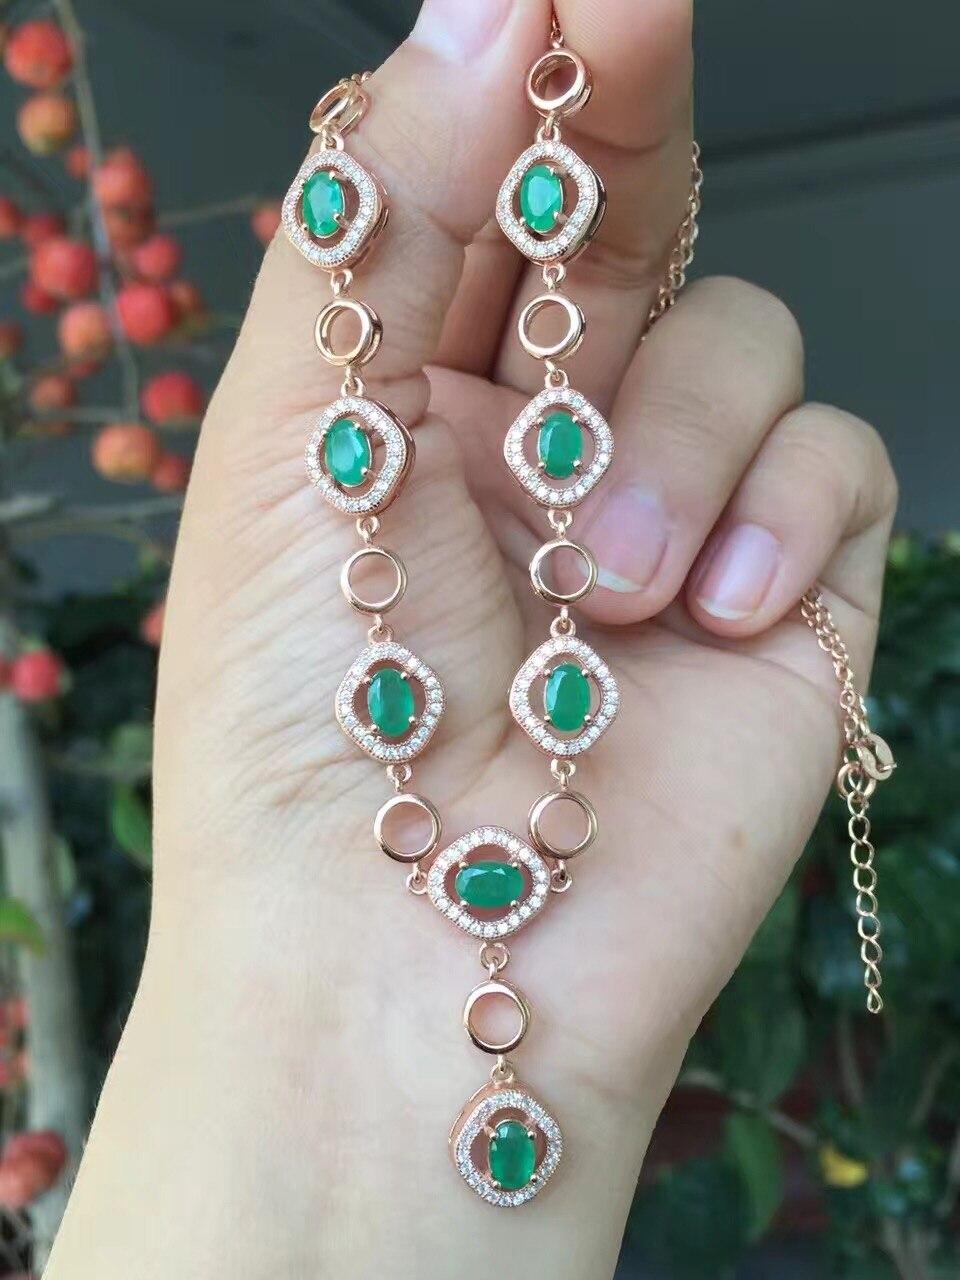 Uloveido naturalny zielony szmaragdowy wisiorek naszyjnik dla kobiet, 925 Sterling Silver kamień ślub naszyjnik wisiorek dla dziewczyn FN281 w Naszyjniki od Biżuteria i akcesoria na  Grupa 1